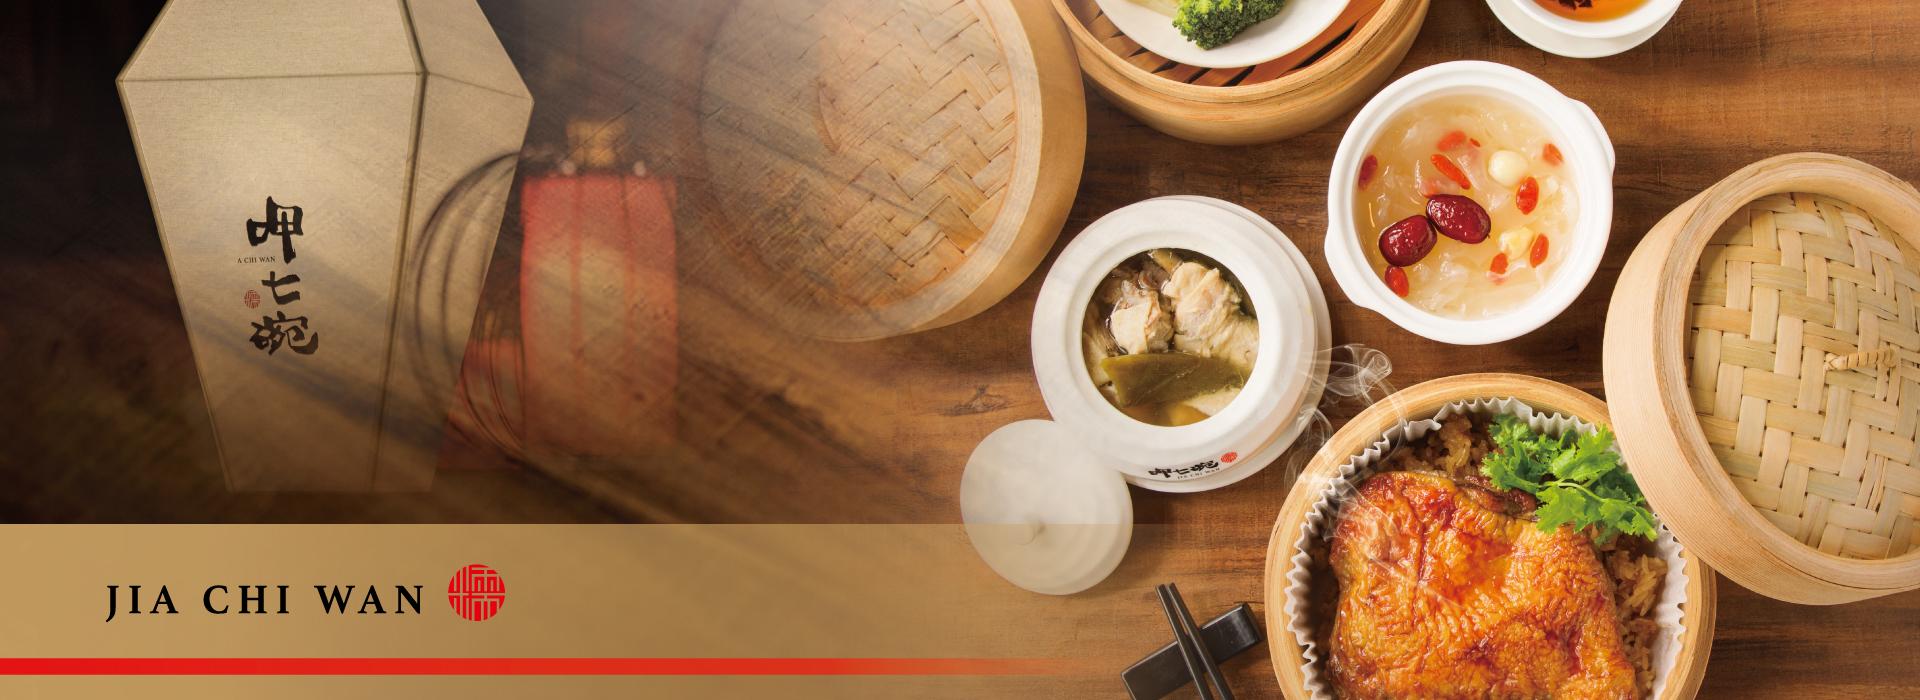 呷七碗 複合式食堂